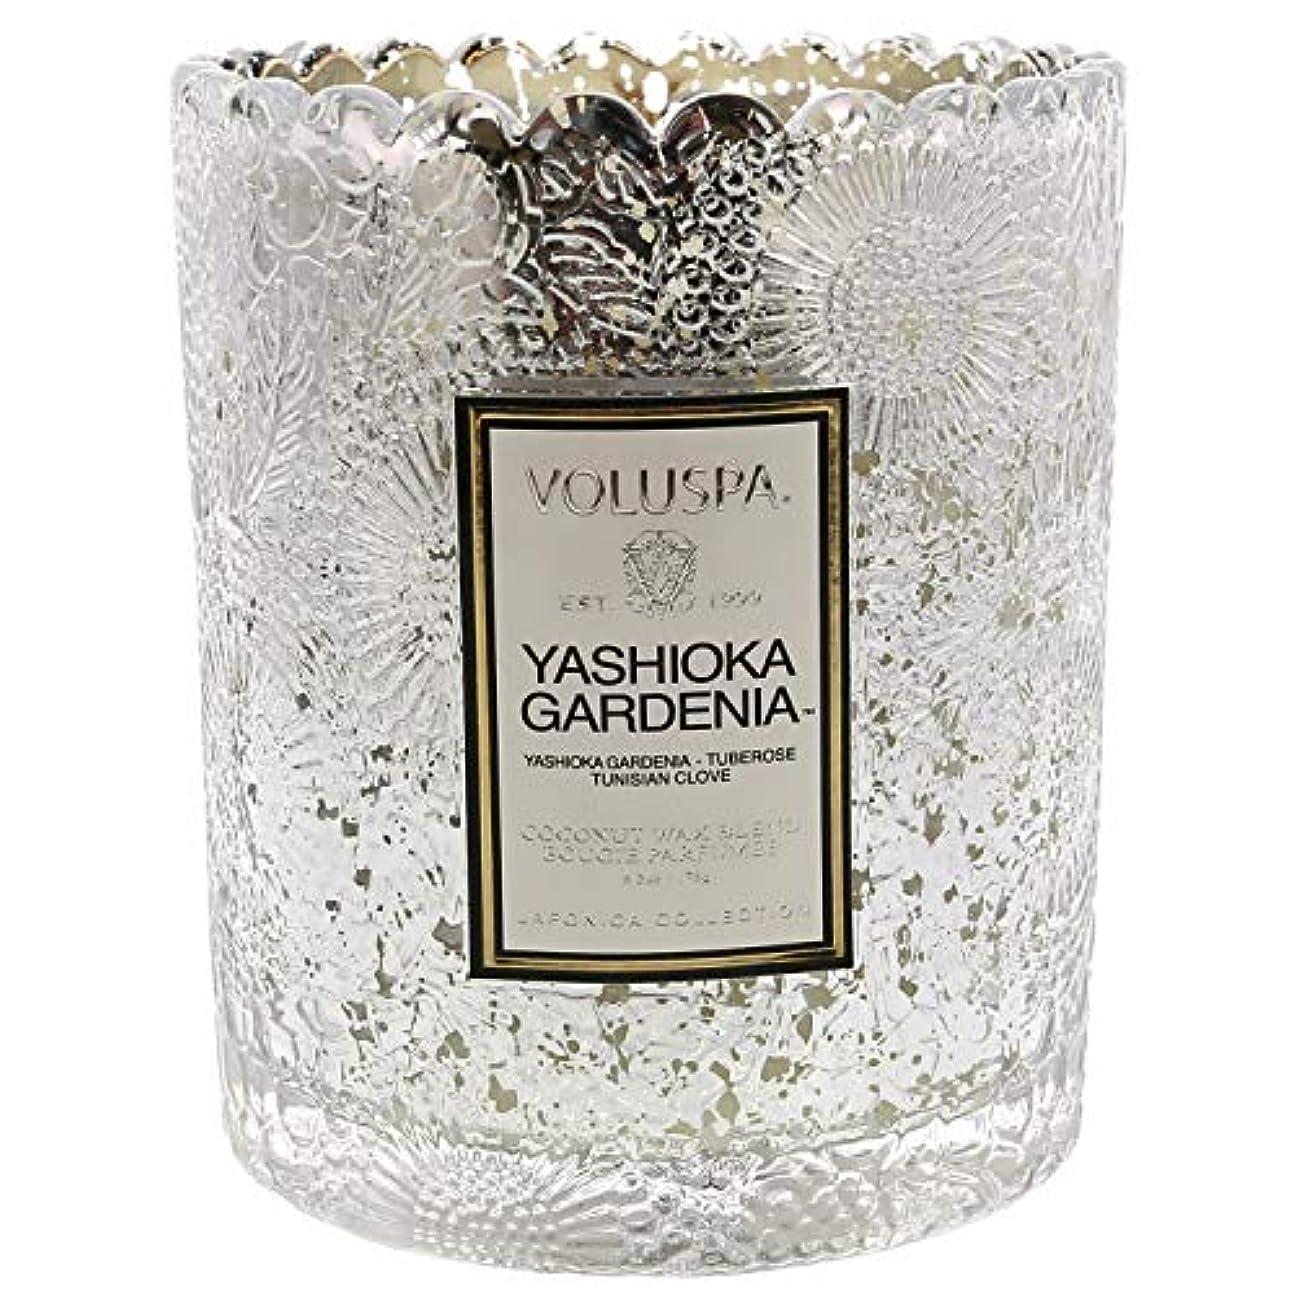 不承認バトル味付けVoluspa ボルスパ ジャポニカ リミテッド スカラップグラスキャンドル  ヤシオカガーデニア YASHIOKA GARDENIA JAPONICA Limited SCALLOPED EDGE Glass Candle